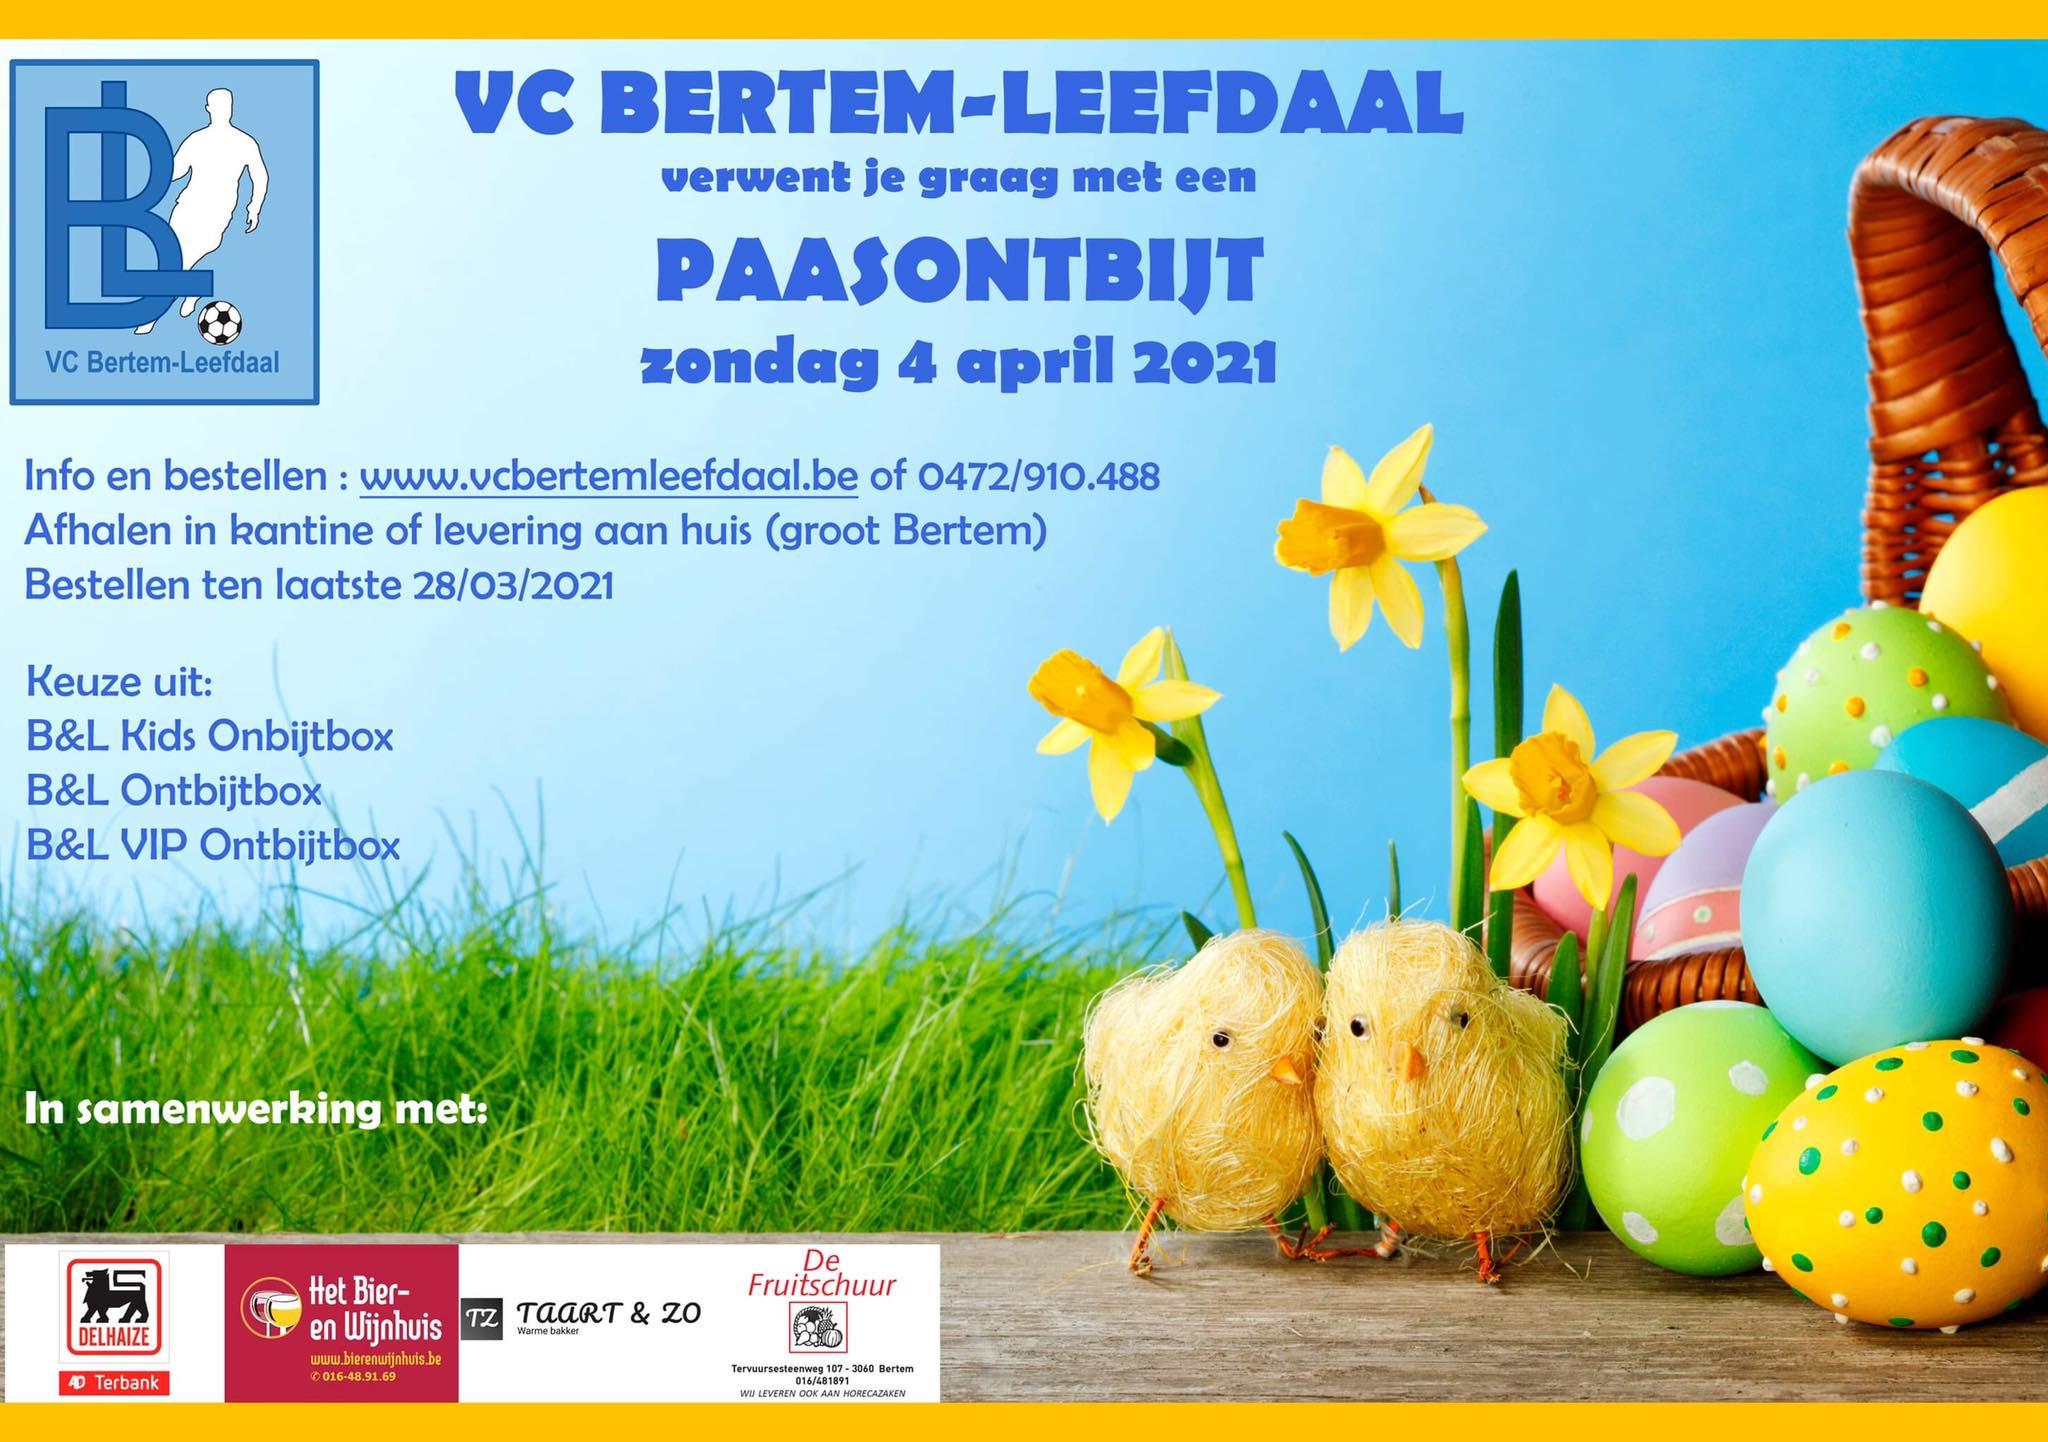 Maak van Paaszondag een voltreffer met een VC Bertem-Leefdaal Ontbijtbox!